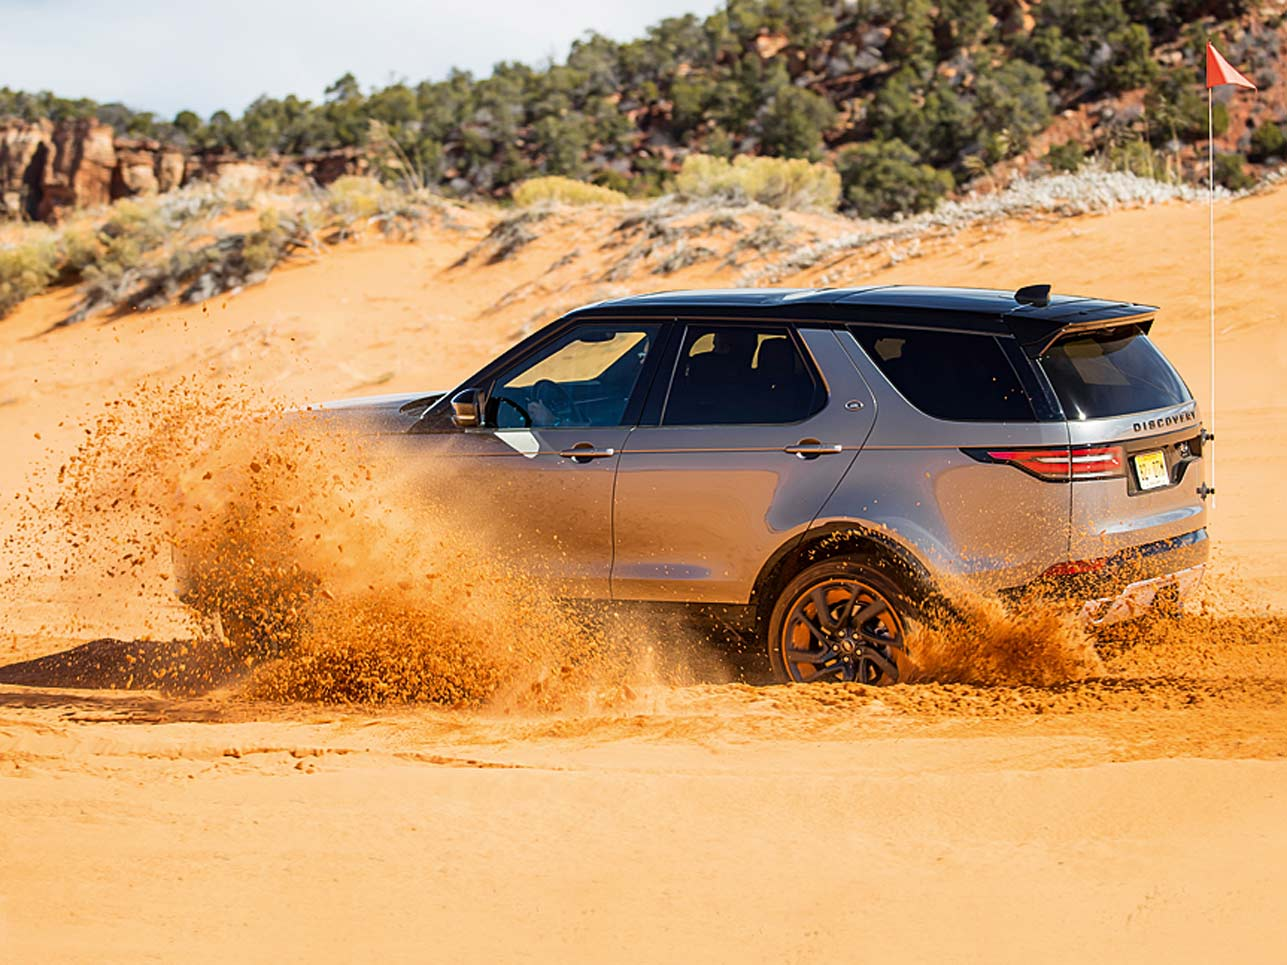 Die größte Herausforderung beim neuen Land Rover Discovery war ein Gelände zu finden, das auch wirklich eine Herausforderung für IHN darstellt. Doch zum Glück gibt es Utah: die perfekte Umgebung für unseren Geröll-Sand-Schnee-Test!